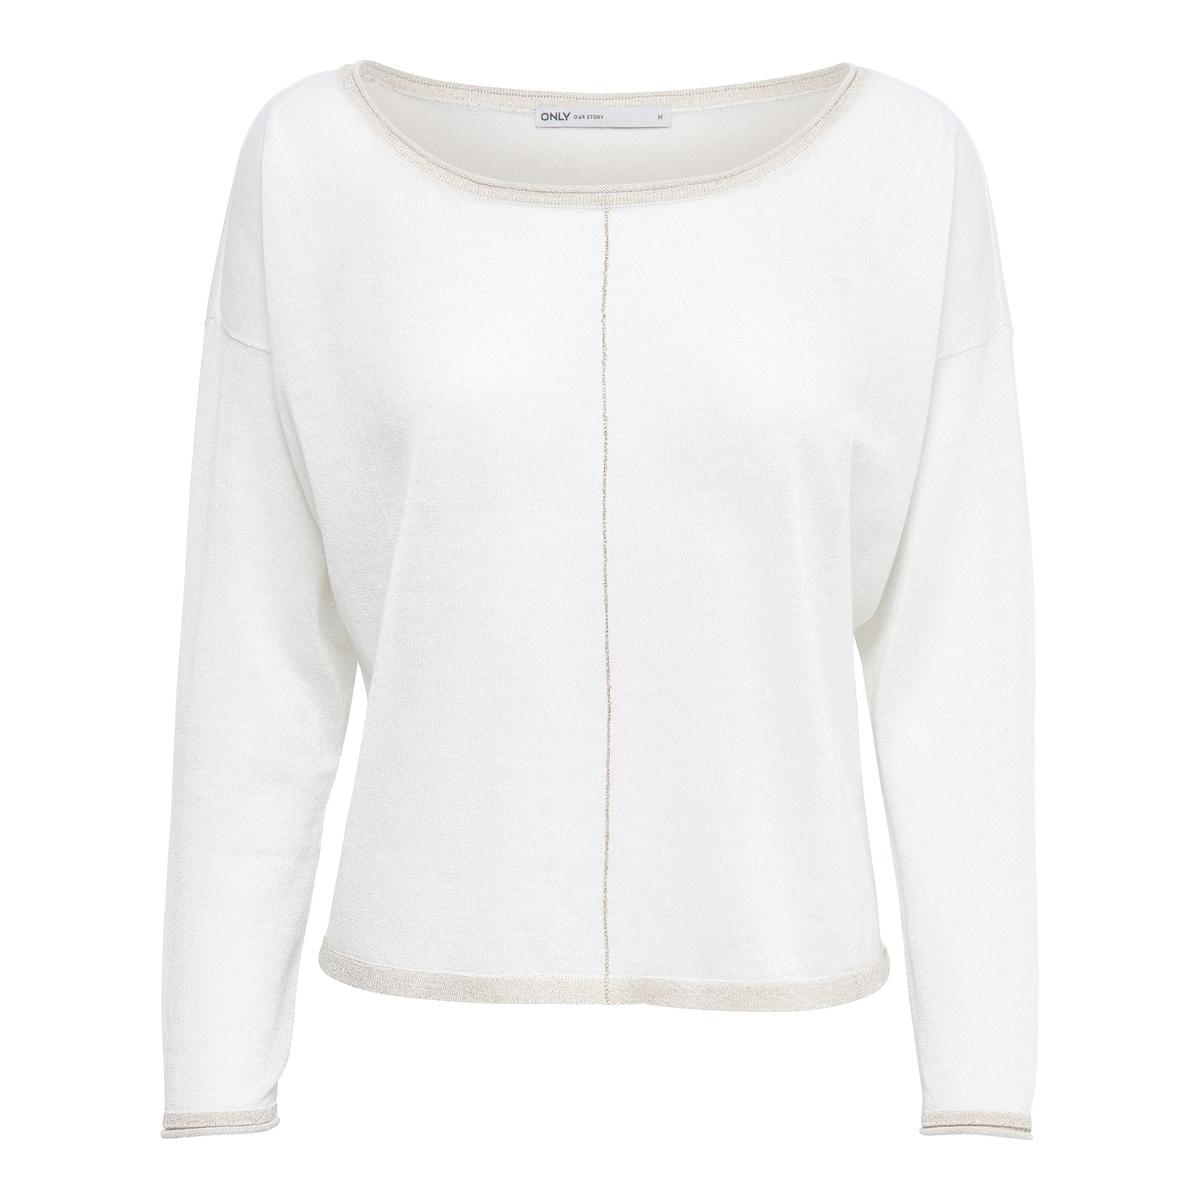 Пуловер с длинными рукавамиДетали   •  Пуловер классический •  Длинные рукава •  Круглый вырез •  Тонкий трикотажСостав и уход   •  15% льна, 85% полиэстера •  Следуйте рекомендациям по уходу, указанным на этикетке изделия<br><br>Цвет: серый меланж,синий морской,экрю<br>Размер: M.XS